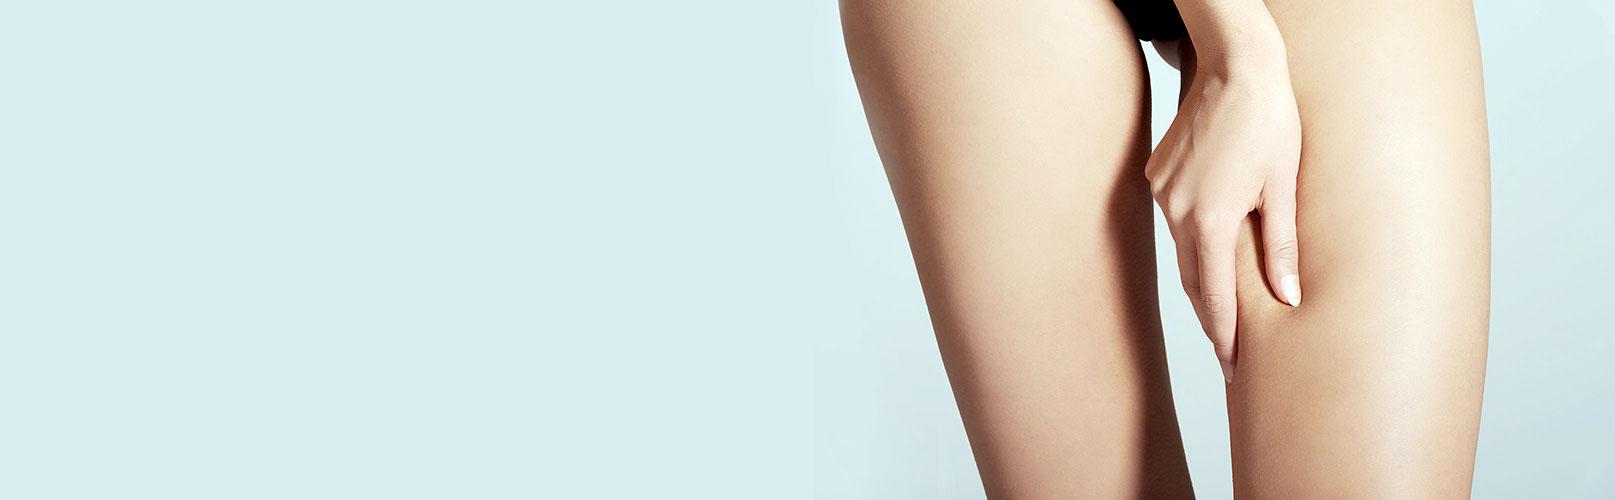 Le lifting des cuisses à Lyon - Chirurgie esthétique | Dr Corniglion